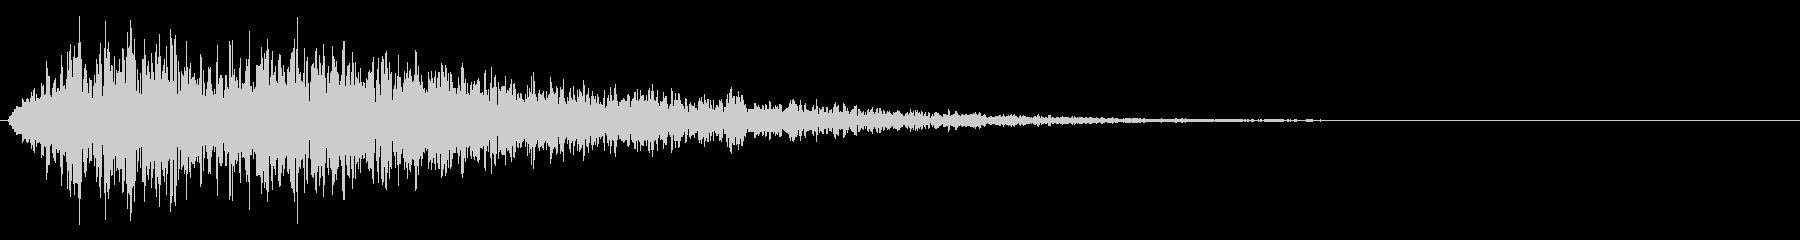 ロボット合体音、足音などに使える効果音の未再生の波形